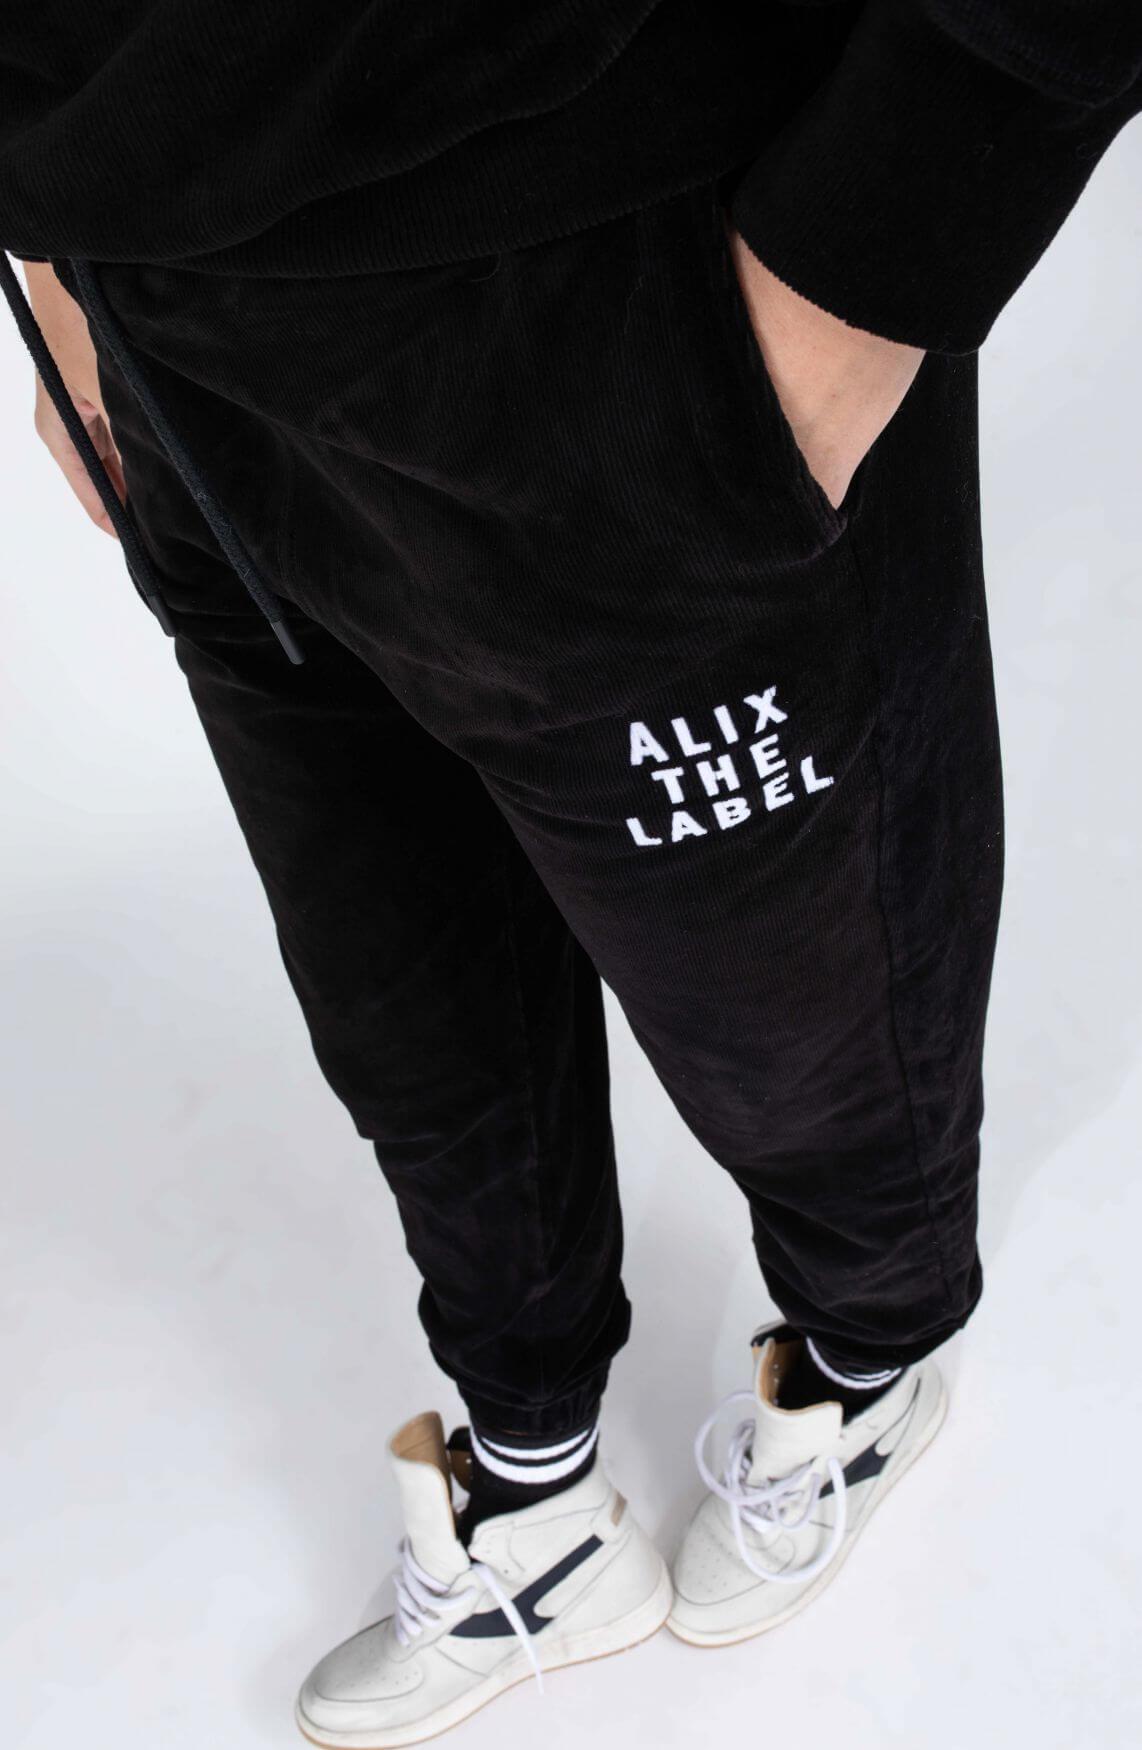 Alix The Label Dames Jogger met logo Zwart